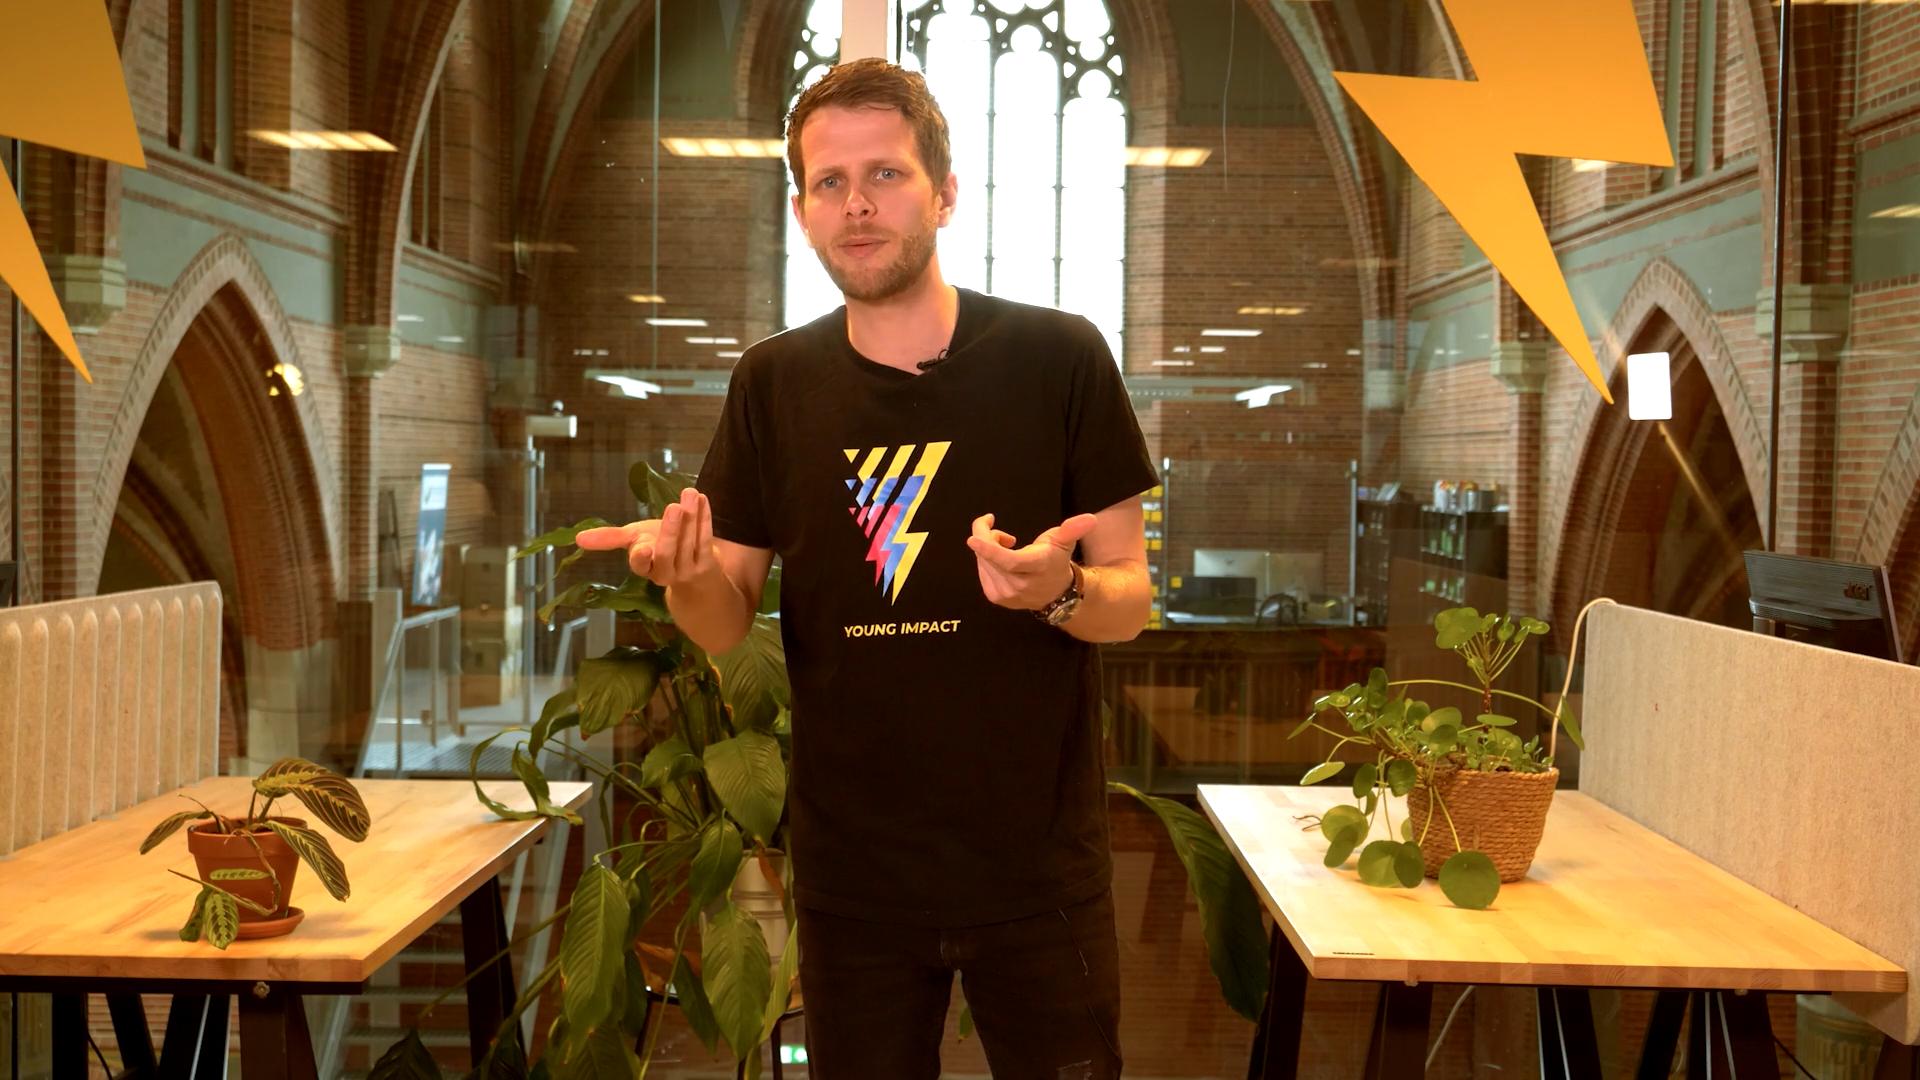 Nieuwe videoserie: Hoe word ik een impact docent?